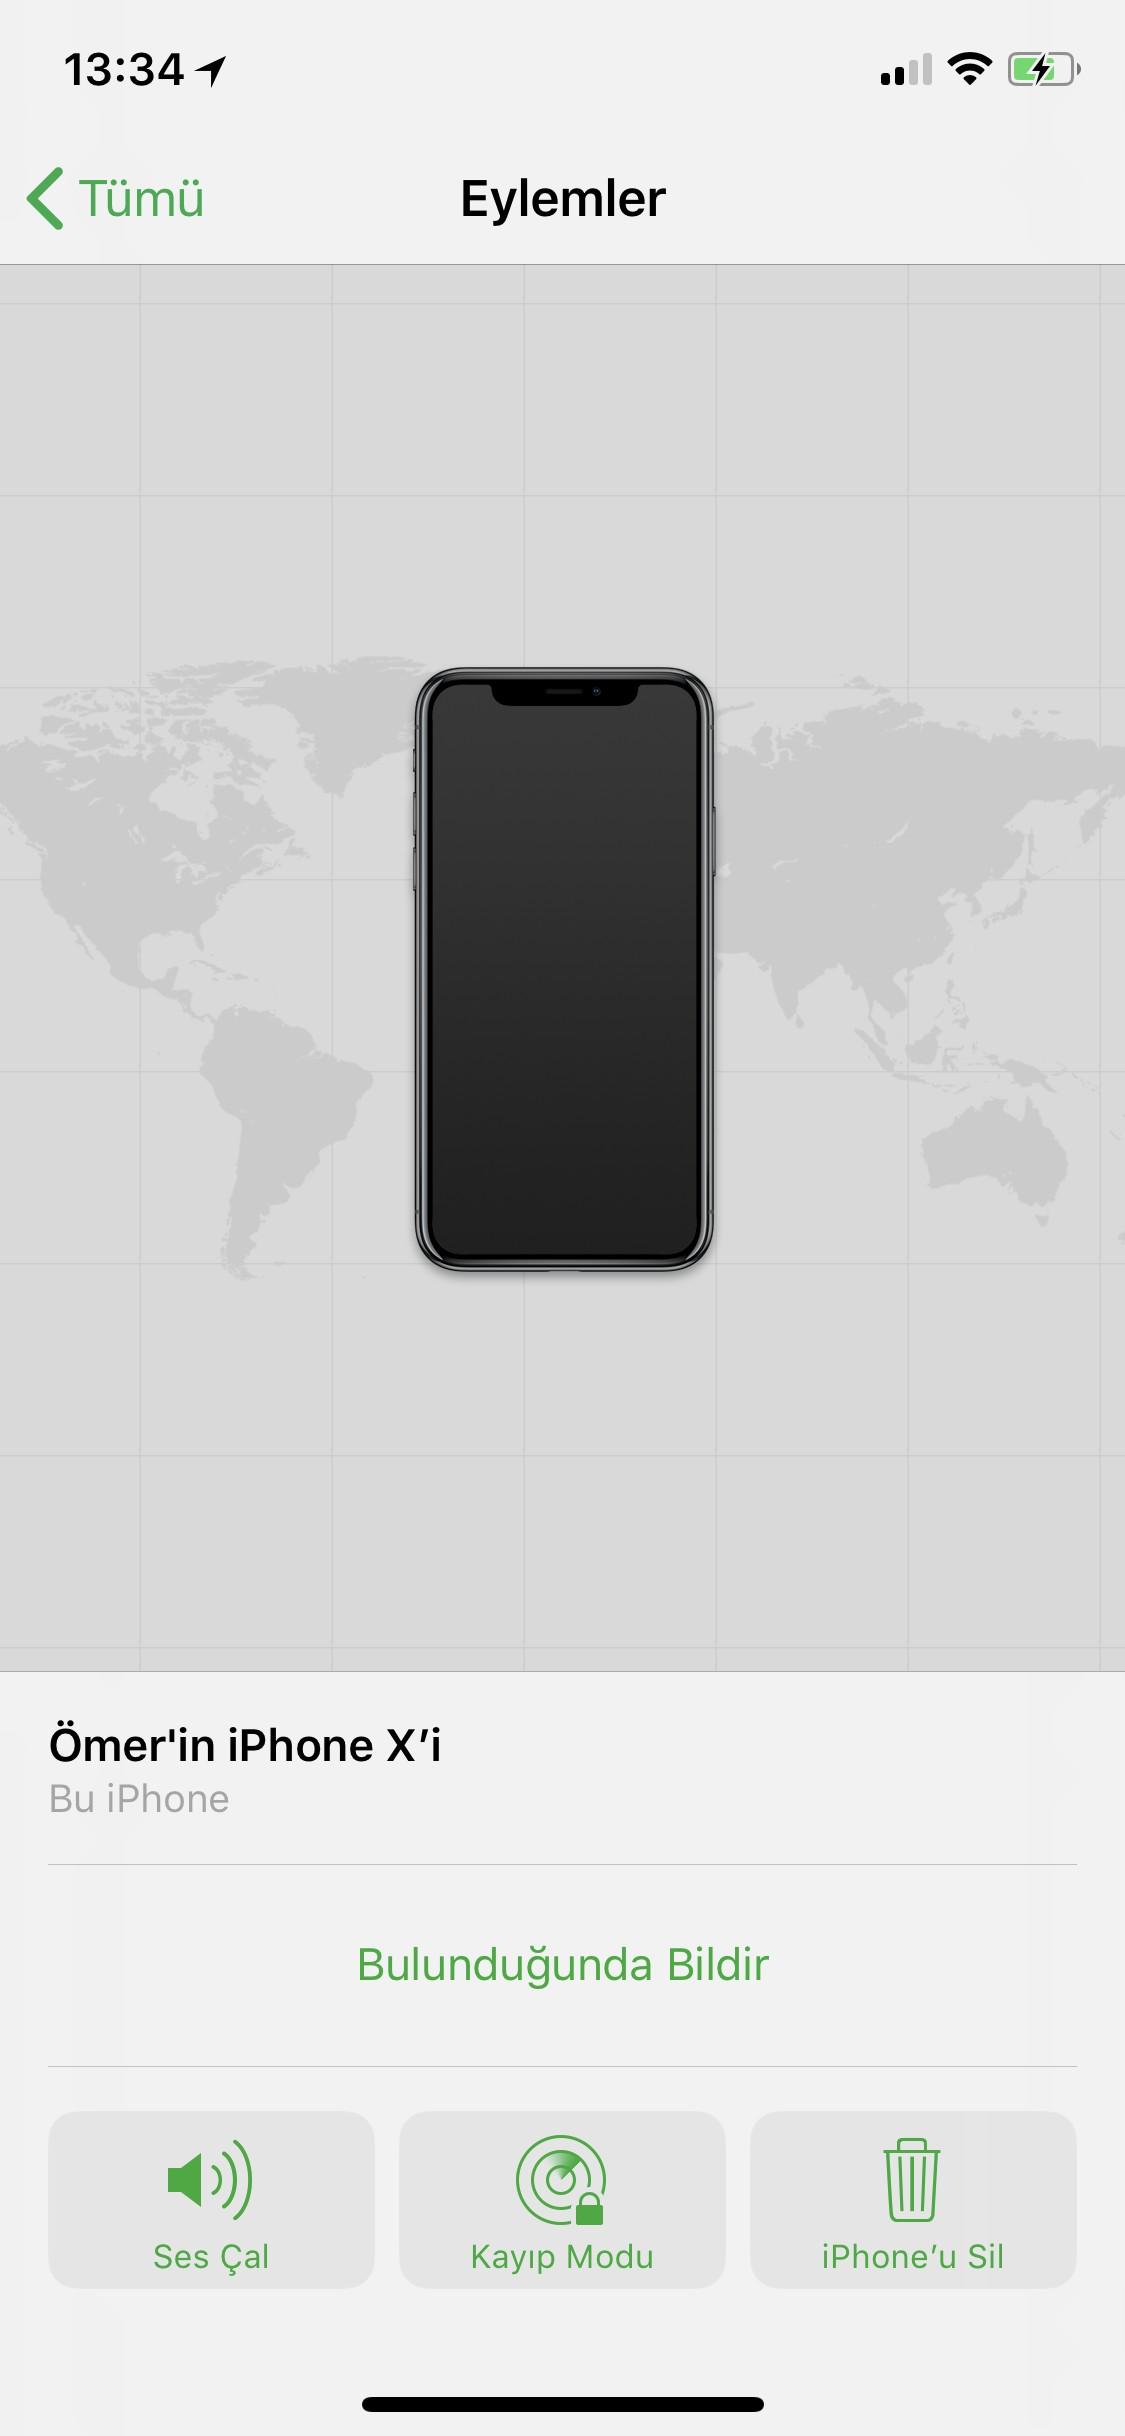 iPhone'u Bul